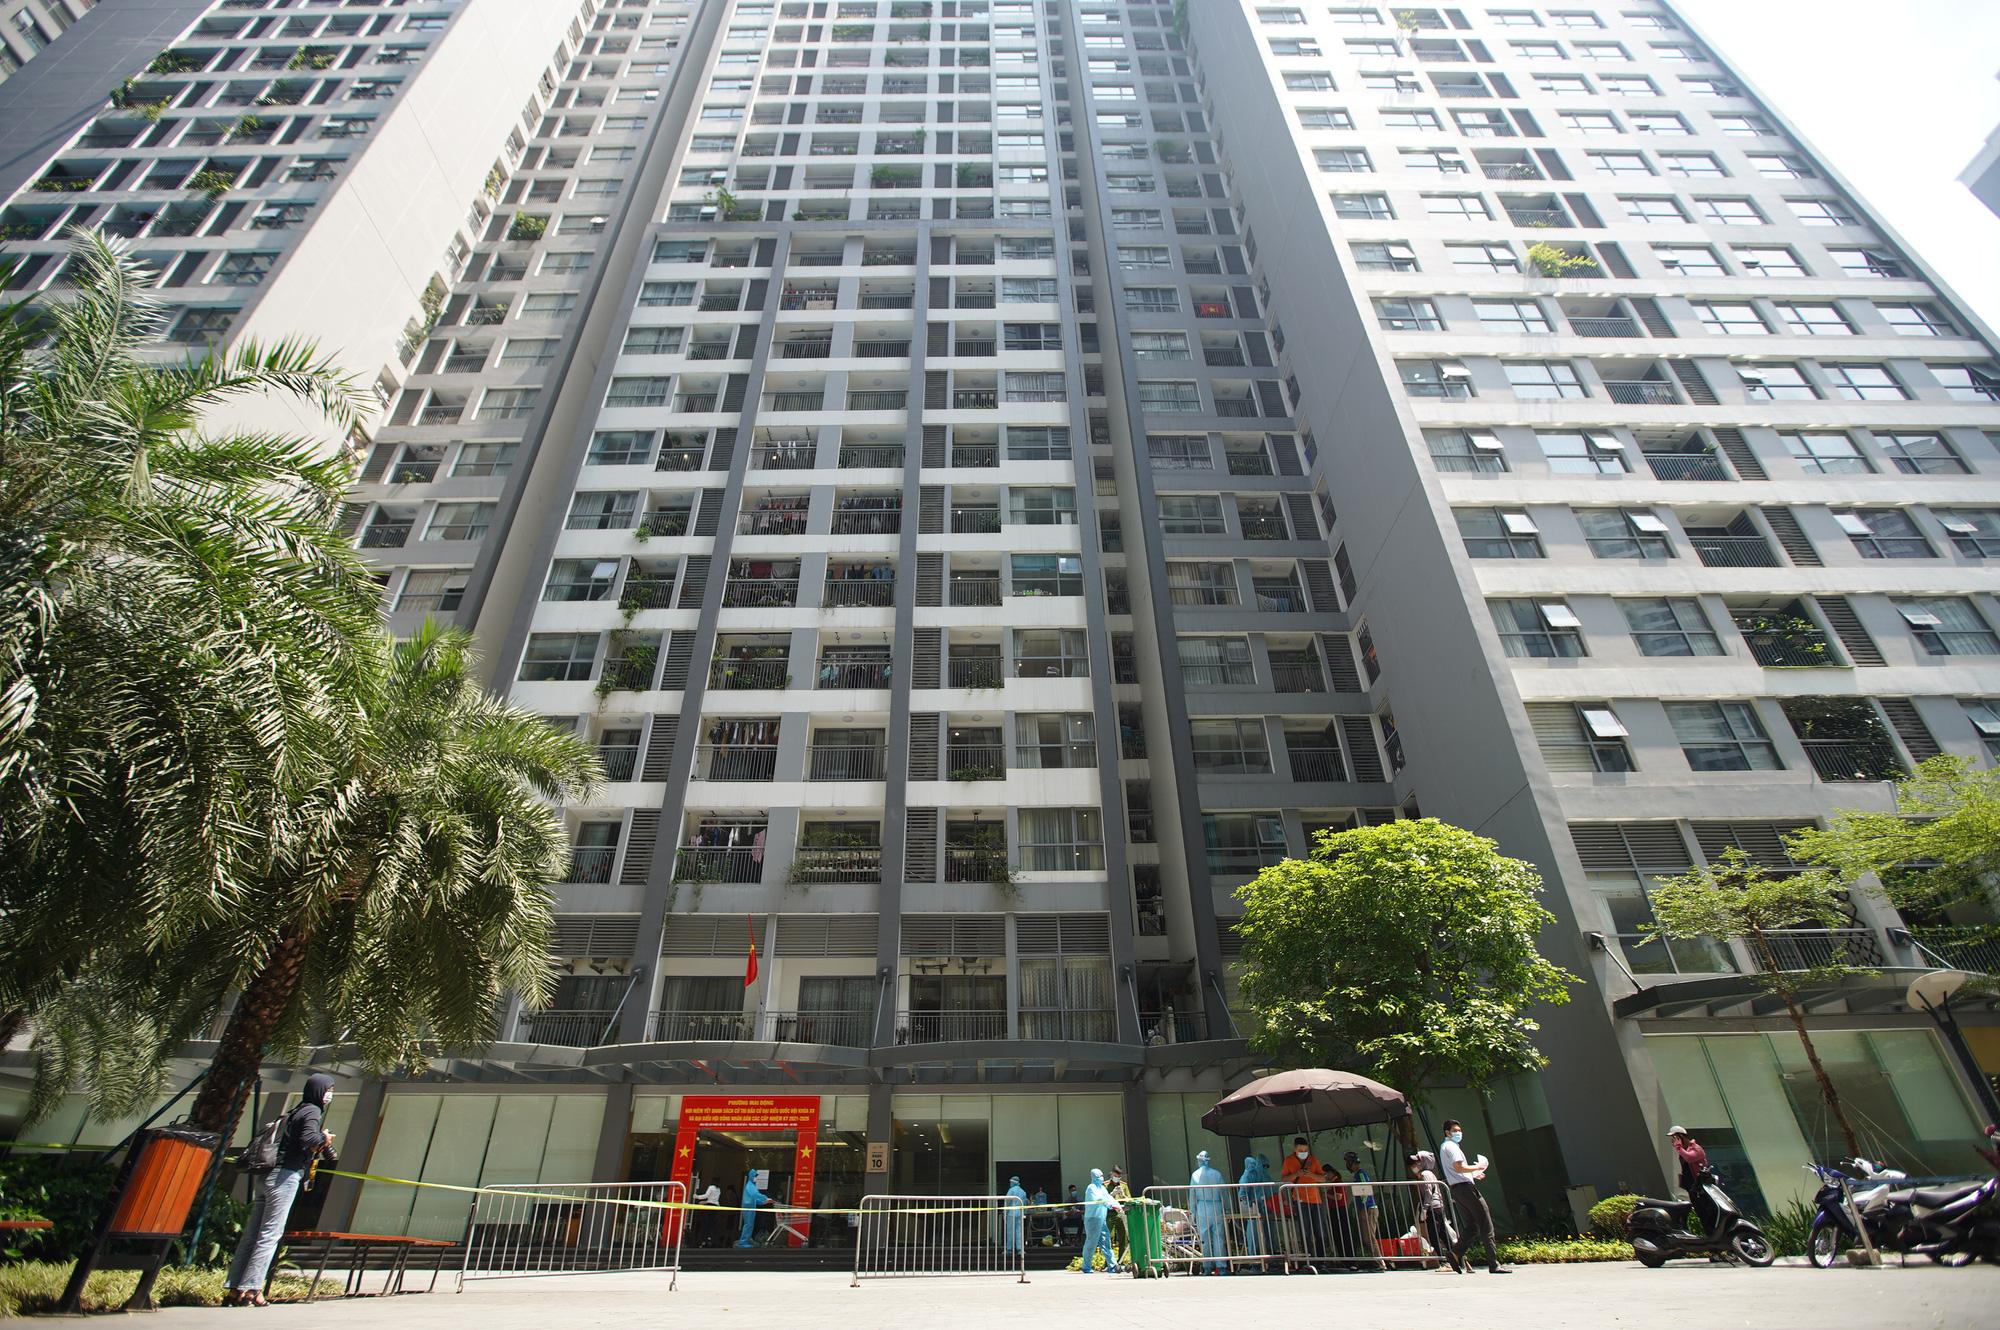 Phong tỏa, tiếp tế đồ ăn chung cư ở Times City có chuyên gia Ấn Độ dương tính với SARS-CoV-2 - Ảnh 1.